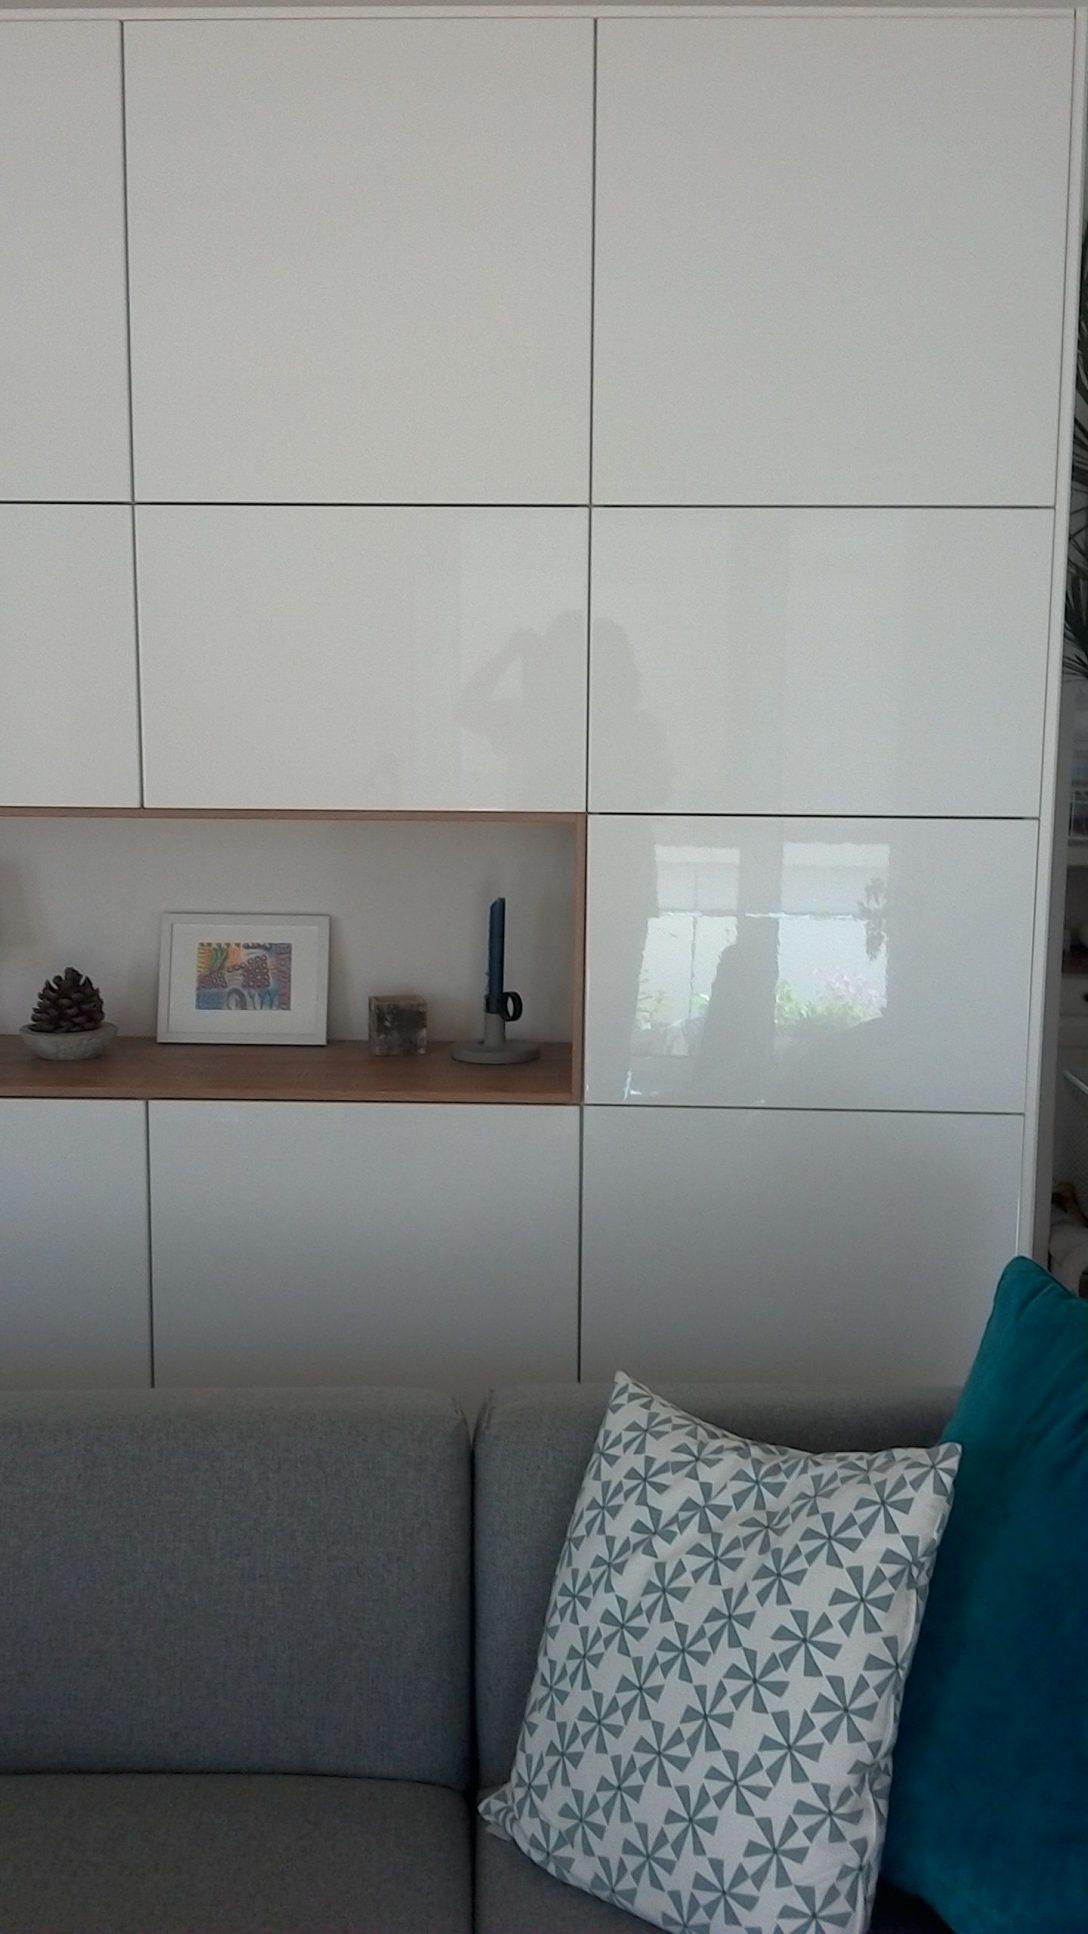 Large Size of Ikea Wohnzimmerschrank Method Ringhult Plus Hyttan Als Modulküche Betten Bei Sofa Mit Schlaffunktion Küche Kosten Kaufen 160x200 Miniküche Wohnzimmer Ikea Wohnzimmerschrank